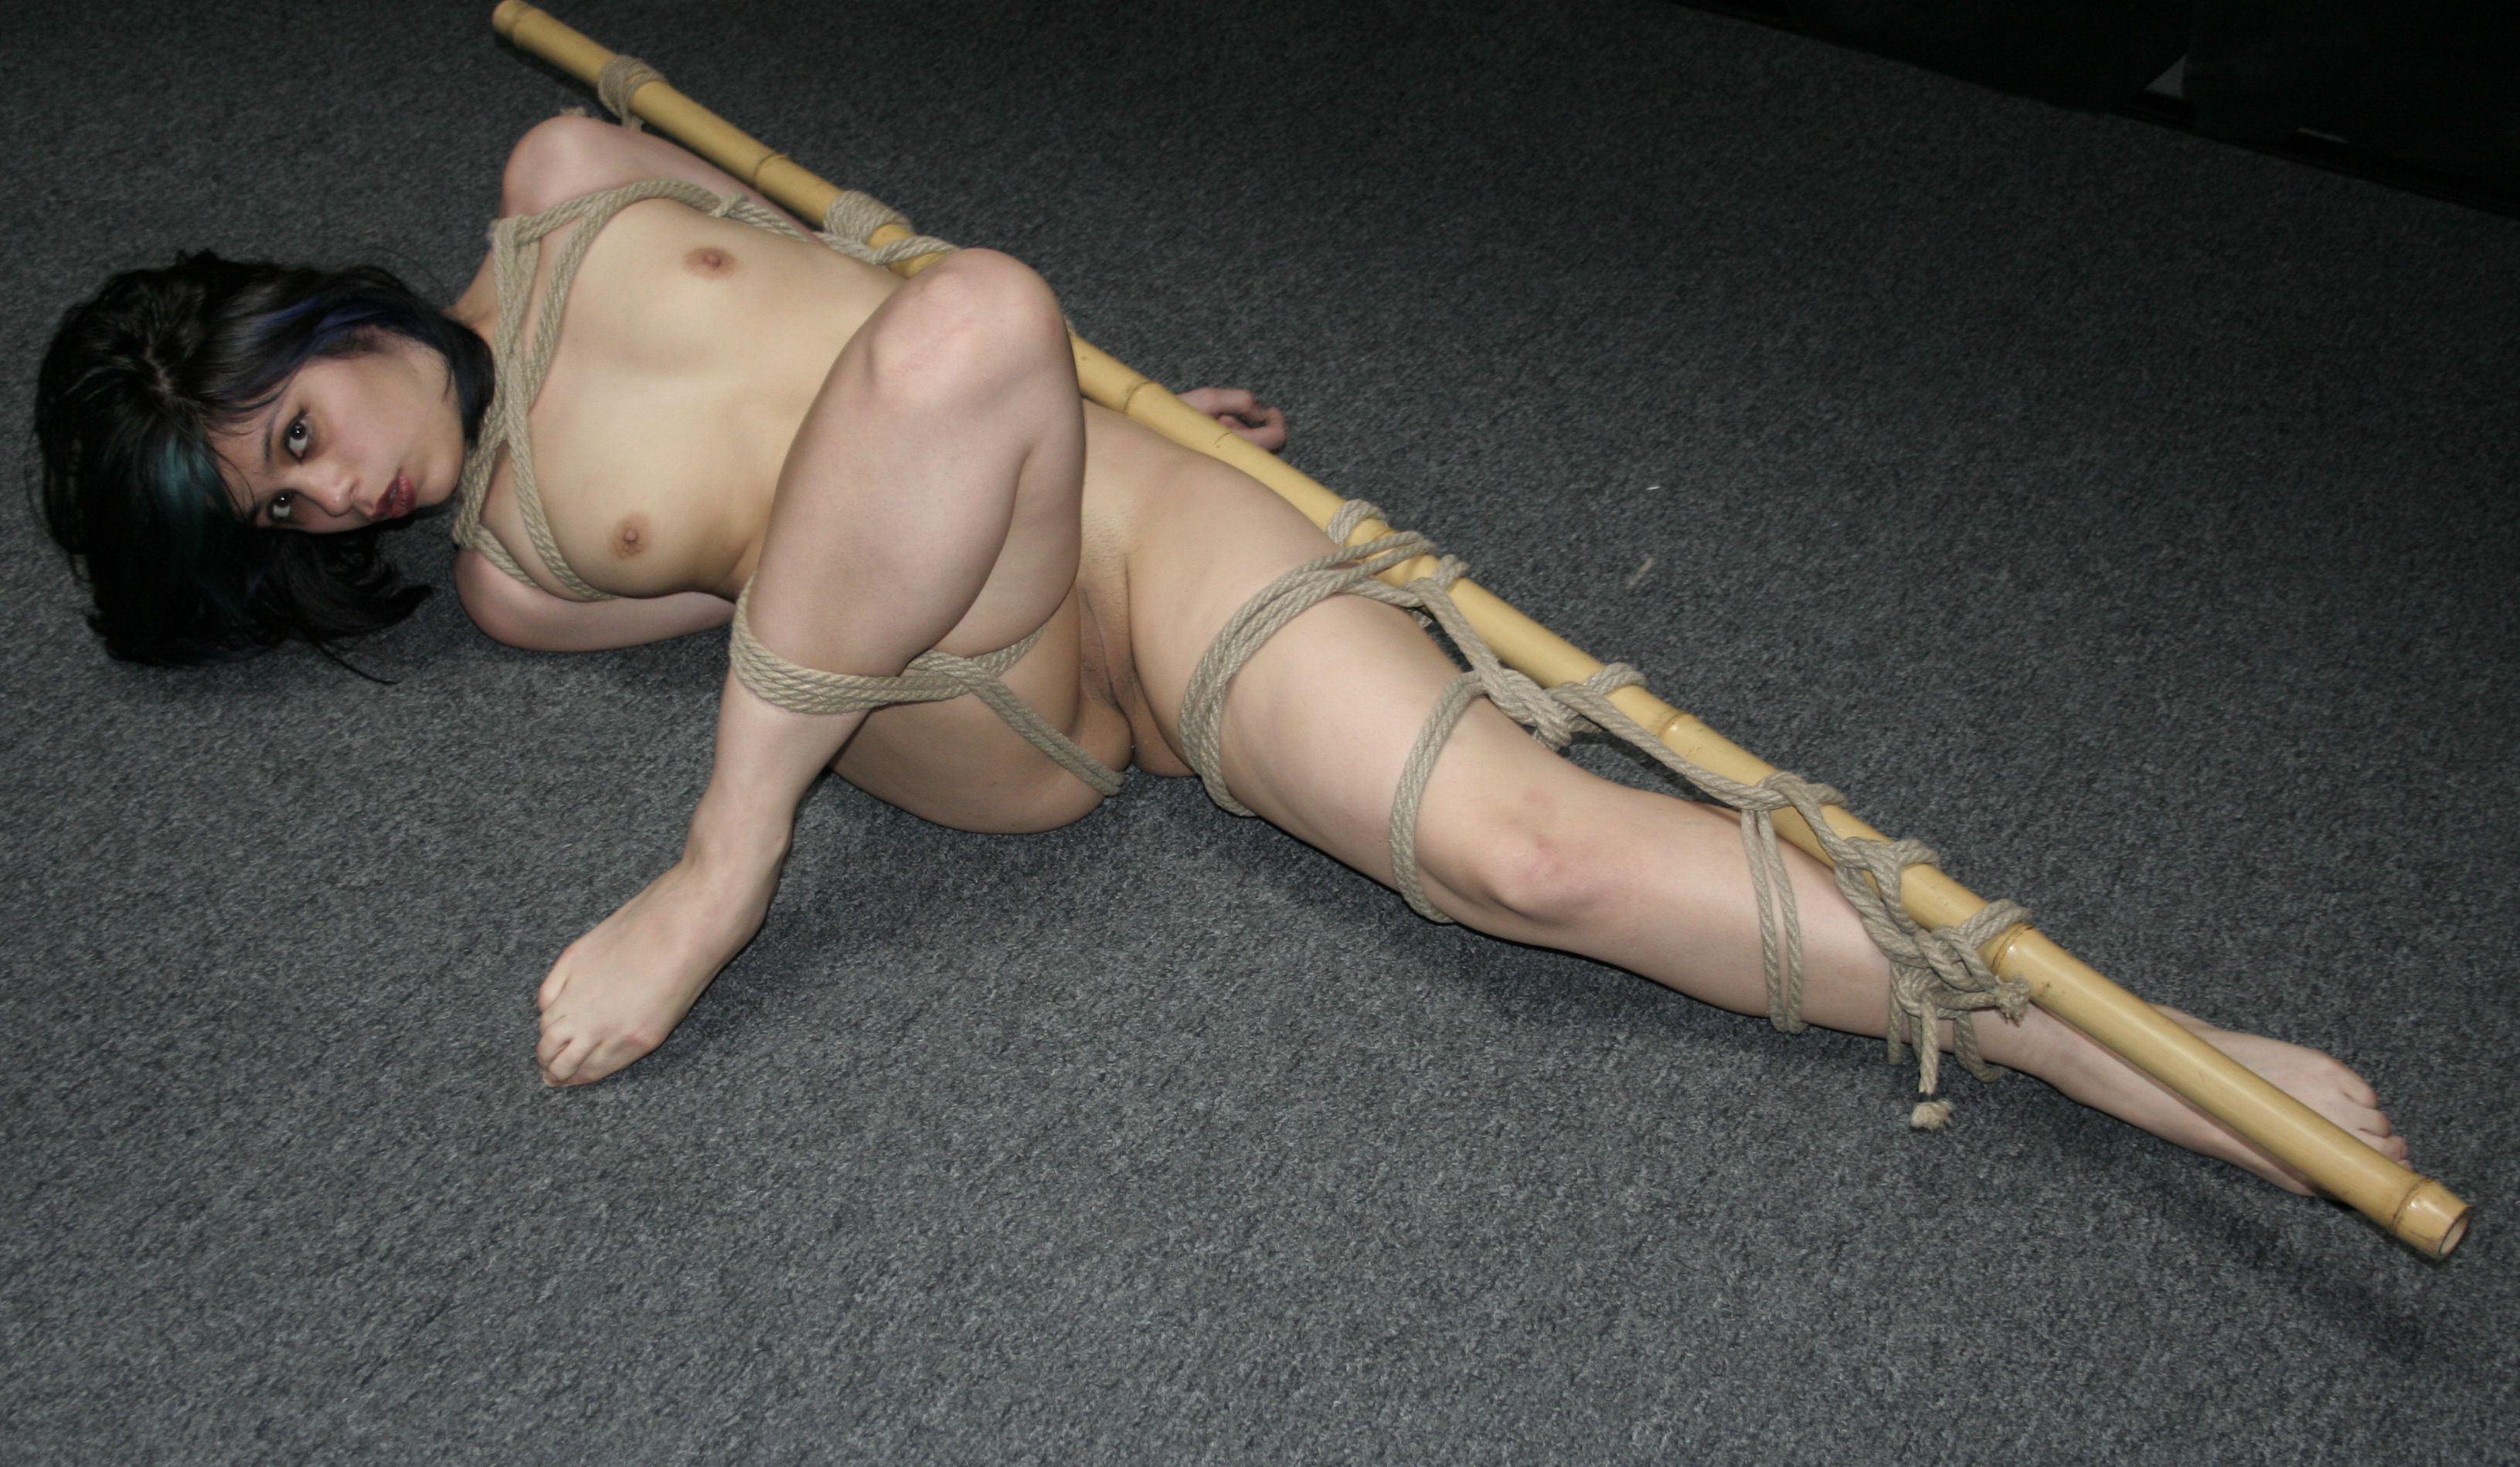 Oldie reccomend Rope bondage seminars